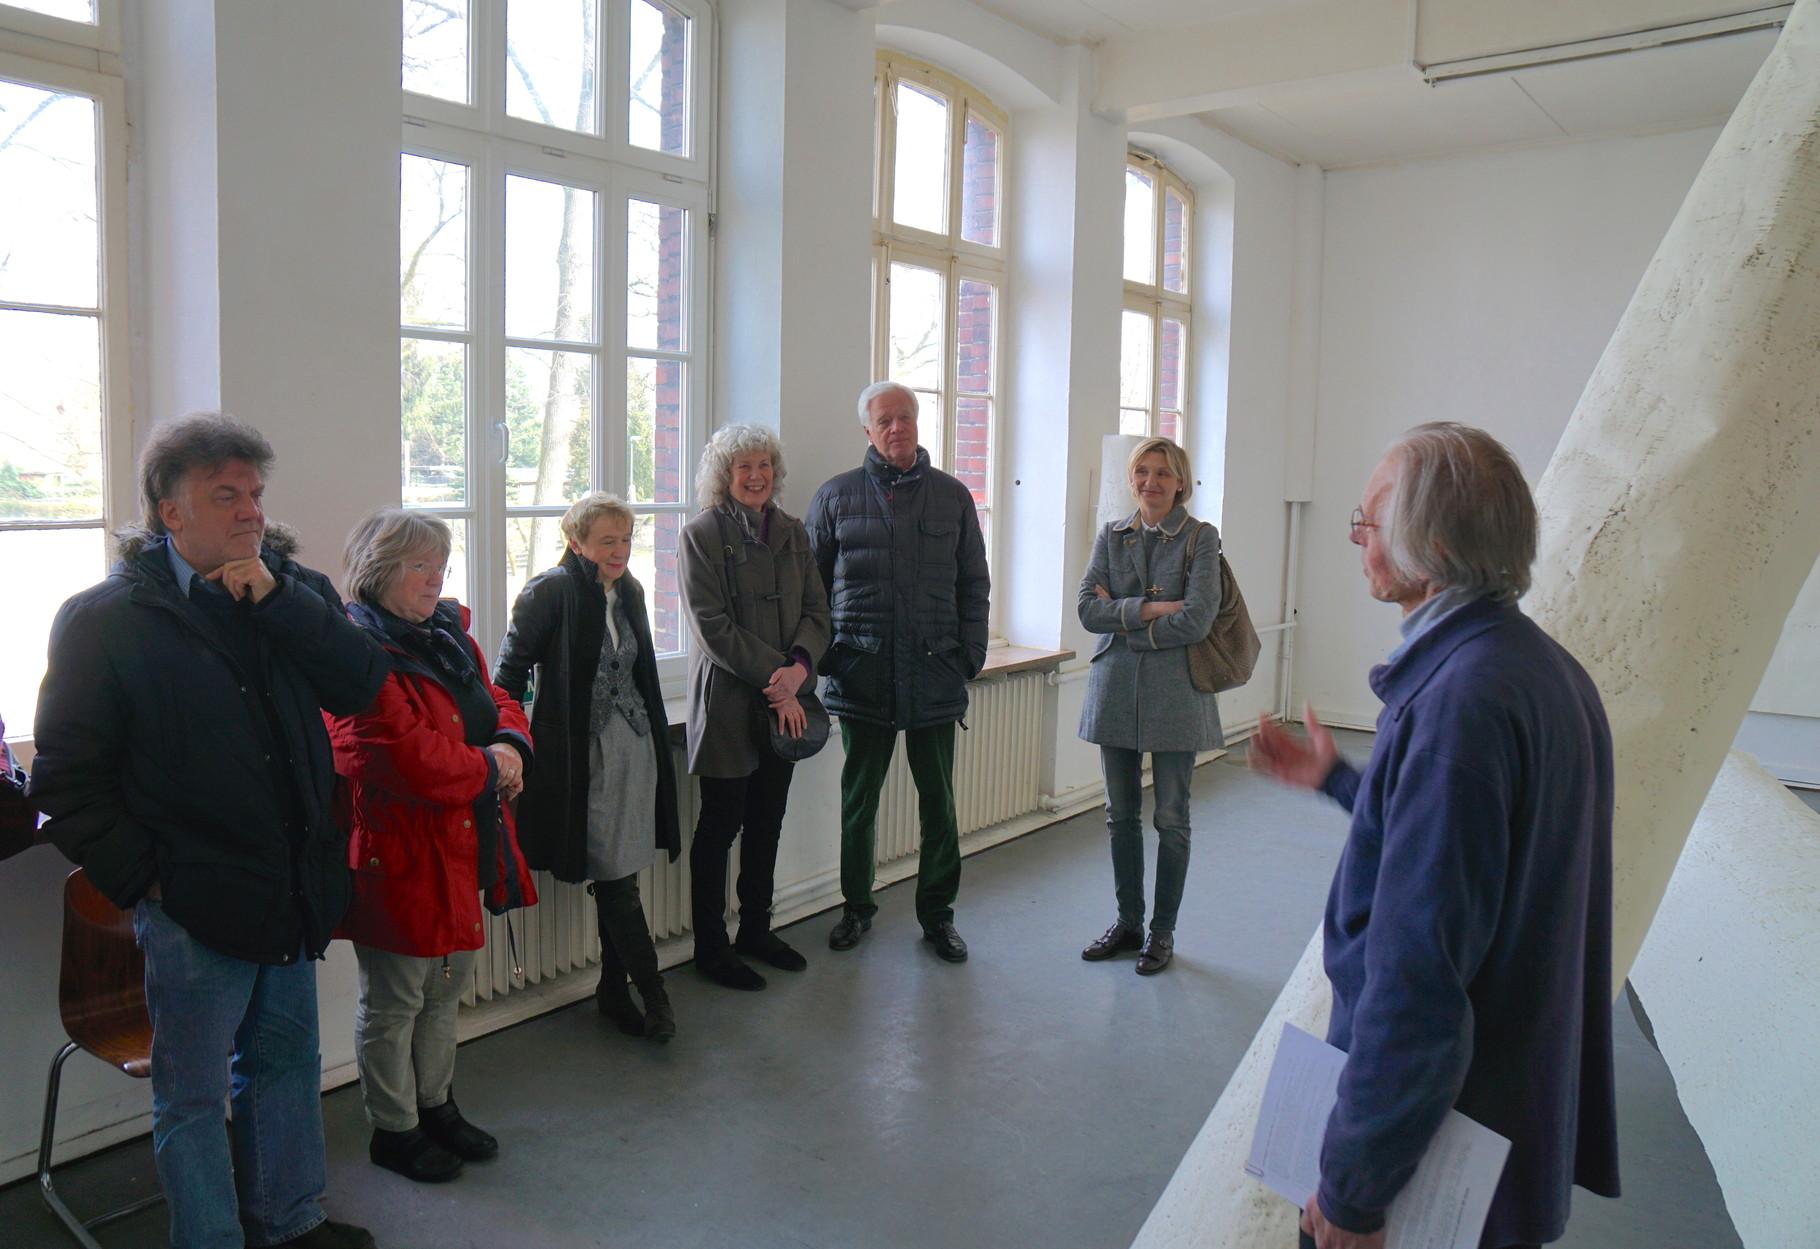 Foto: Luitgard Nolte vom Besuch des Kunstverein RE